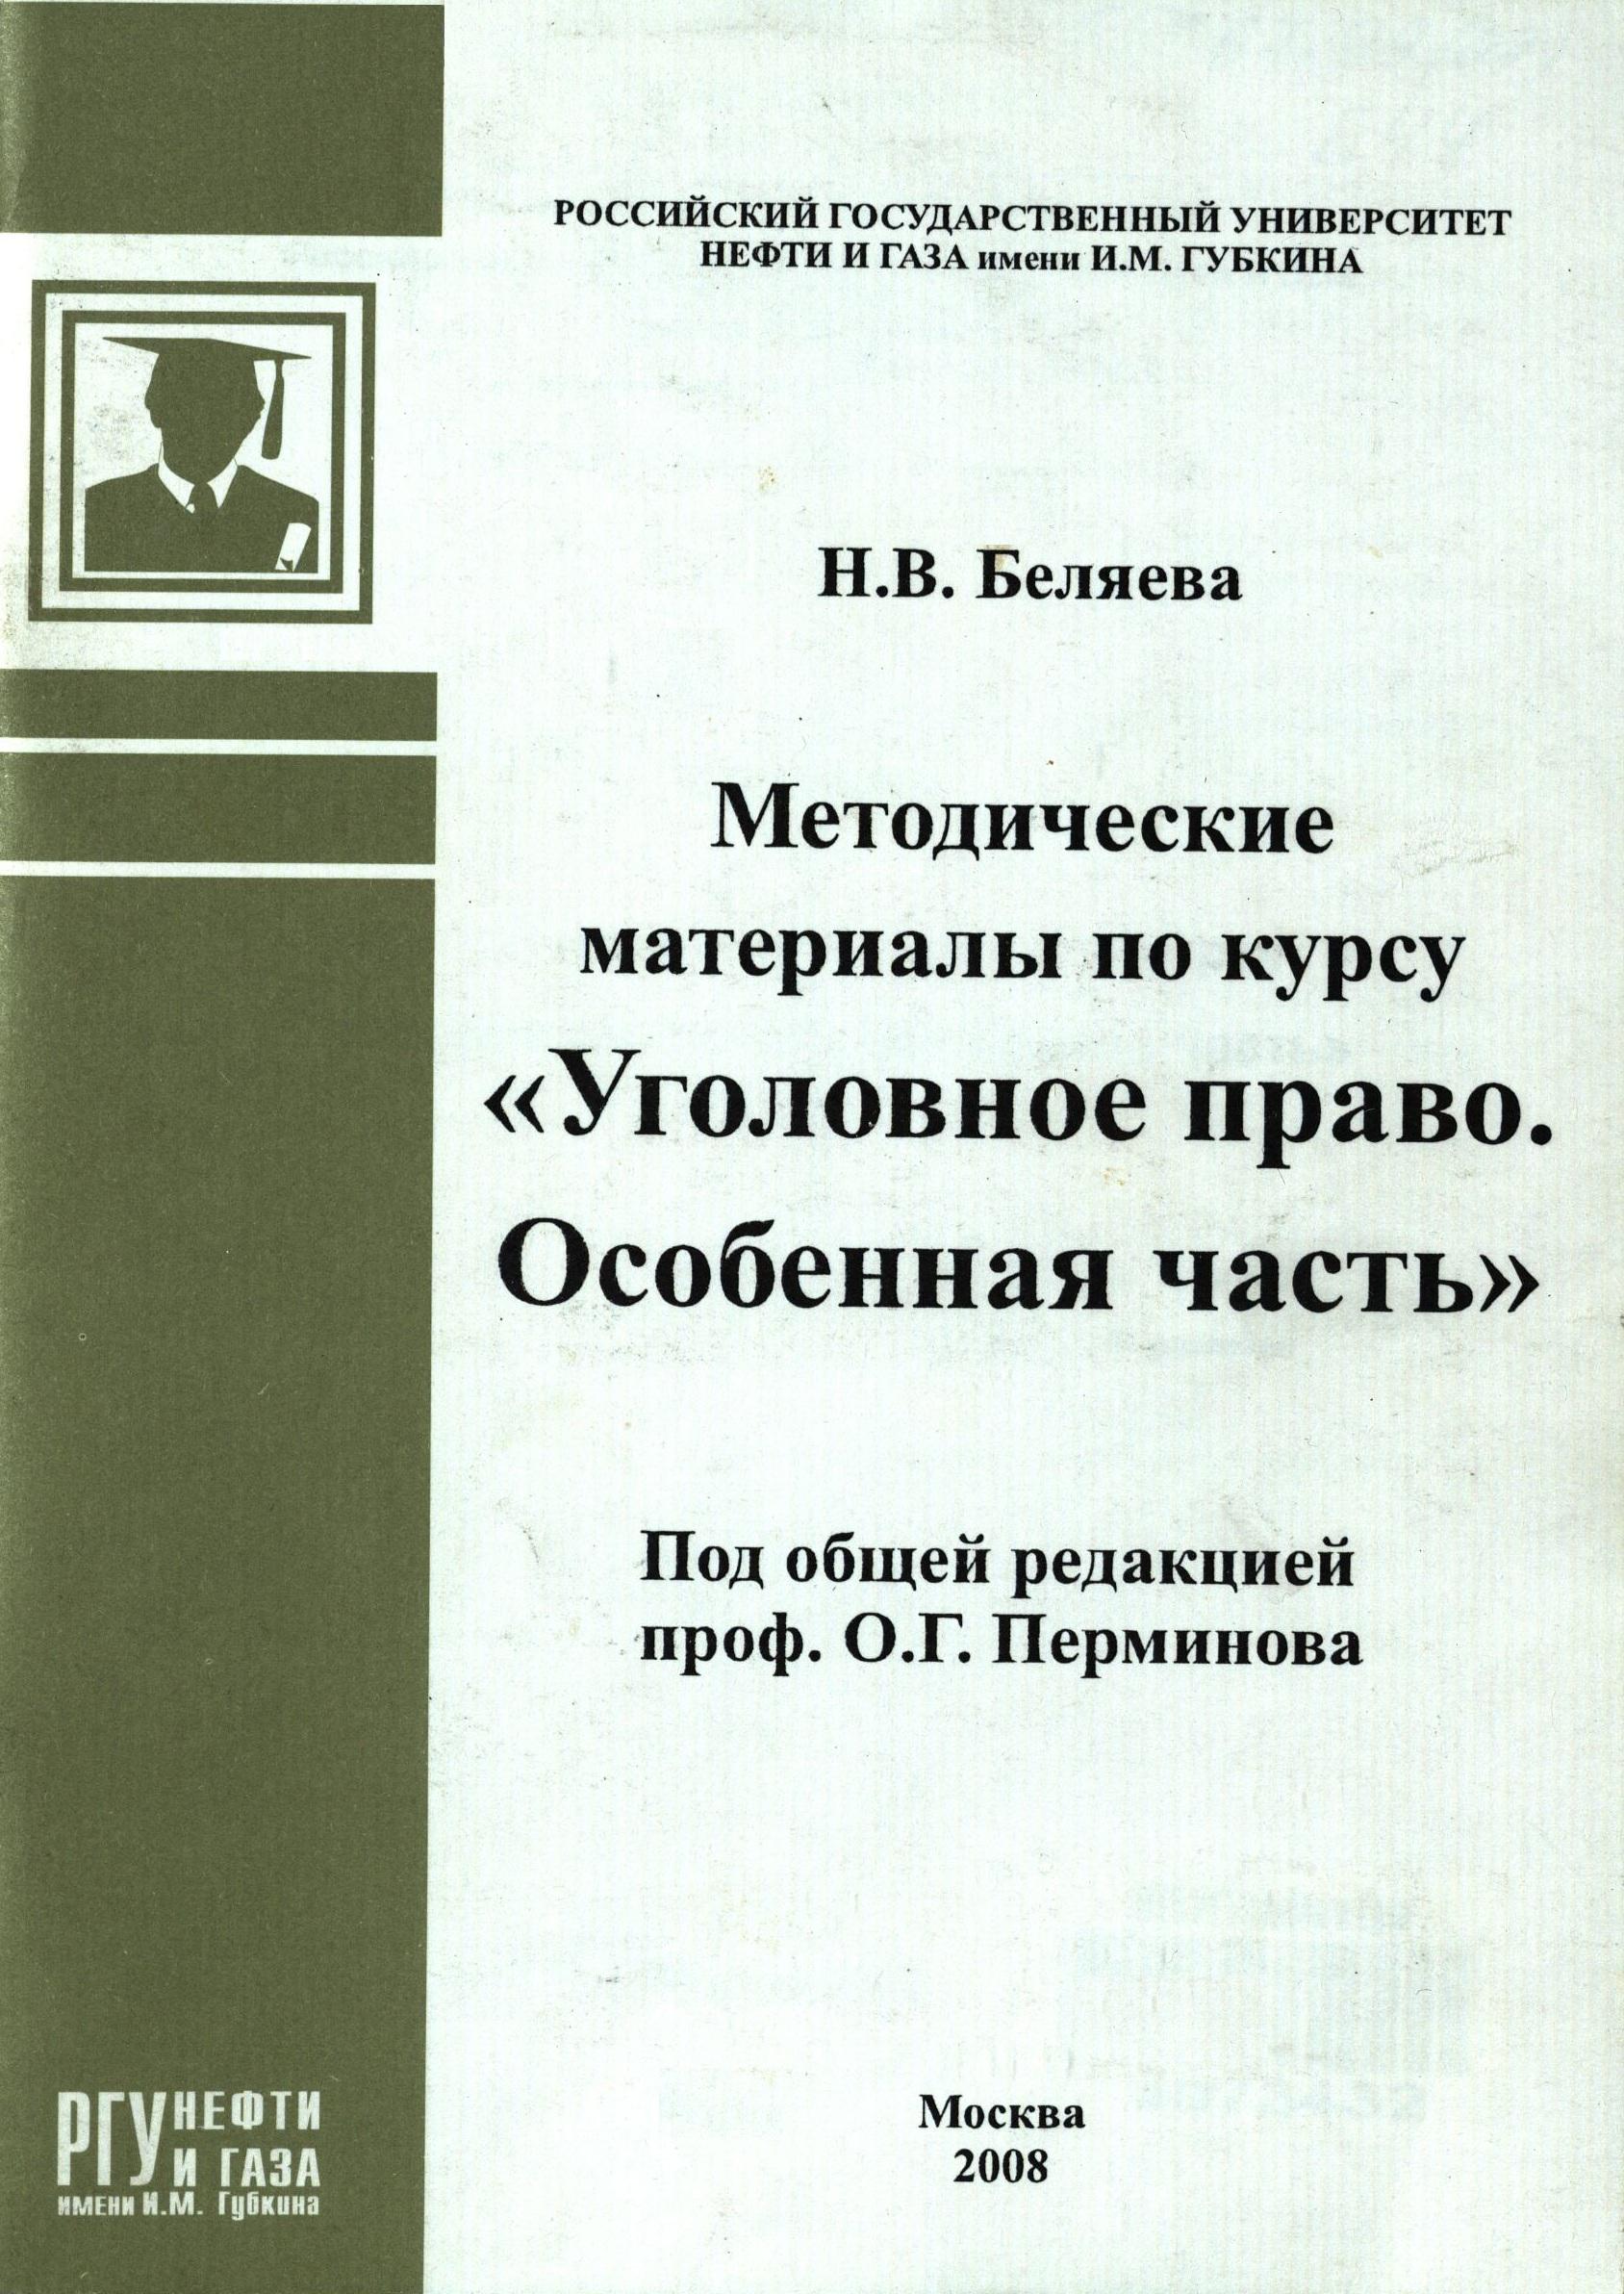 Список рекомендуемой литературы по уголовному праву